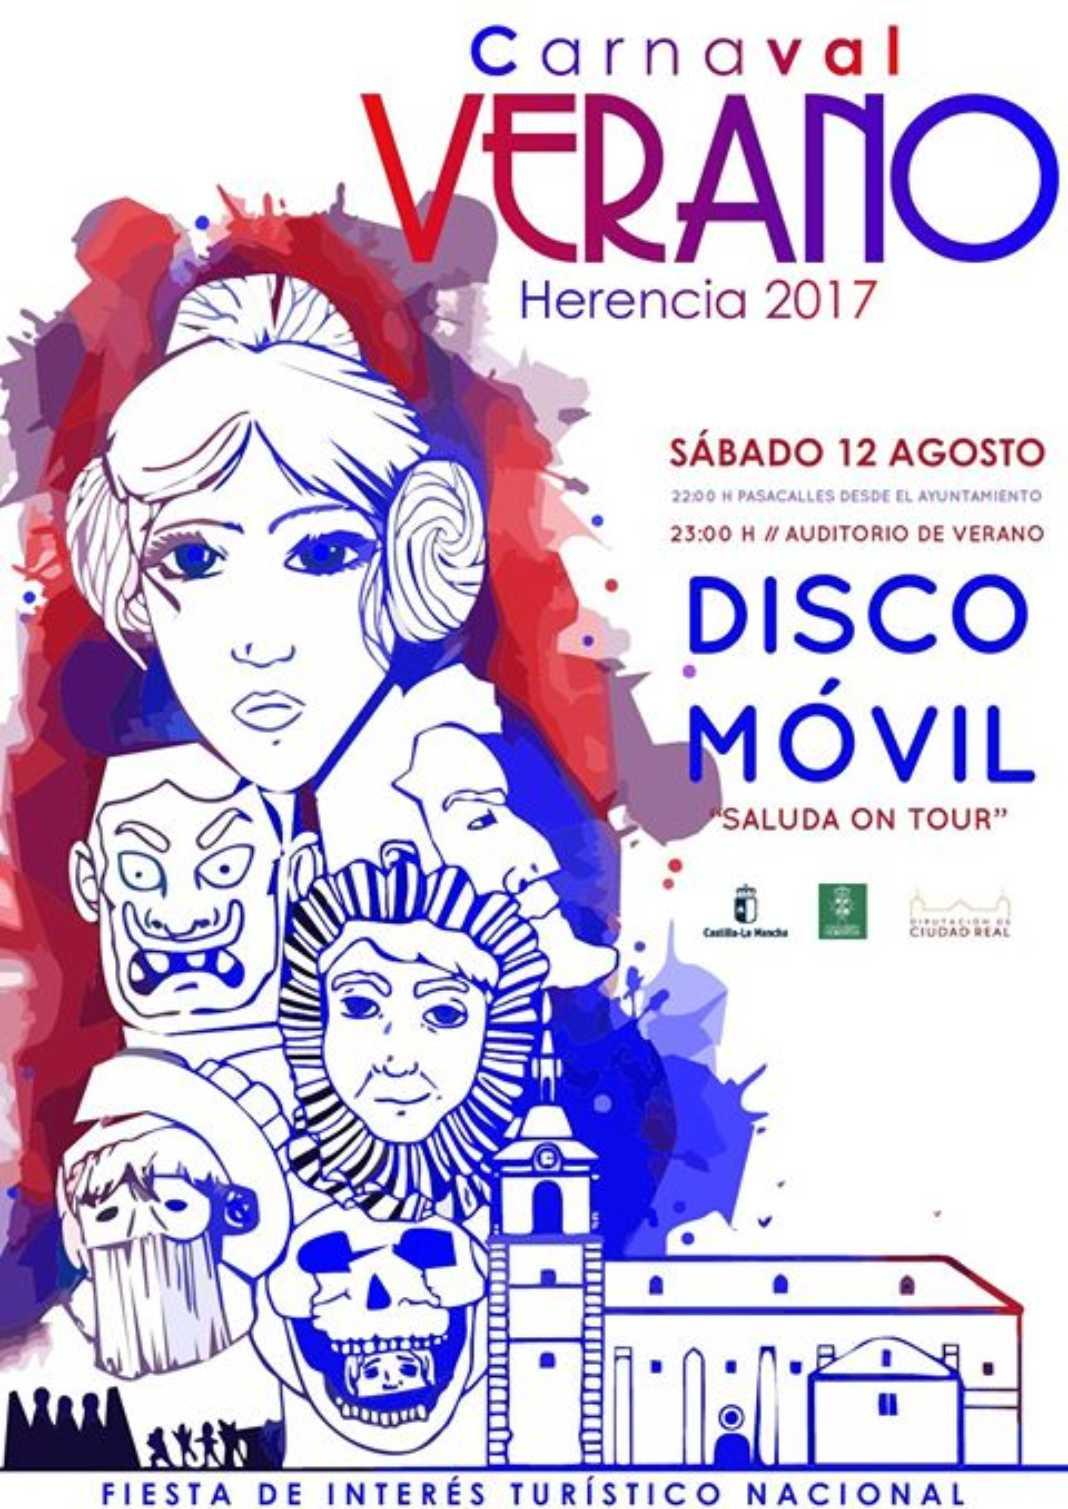 Carnaval de verano 1068x1509 - Llega el Carnaval de Verano de Herencia